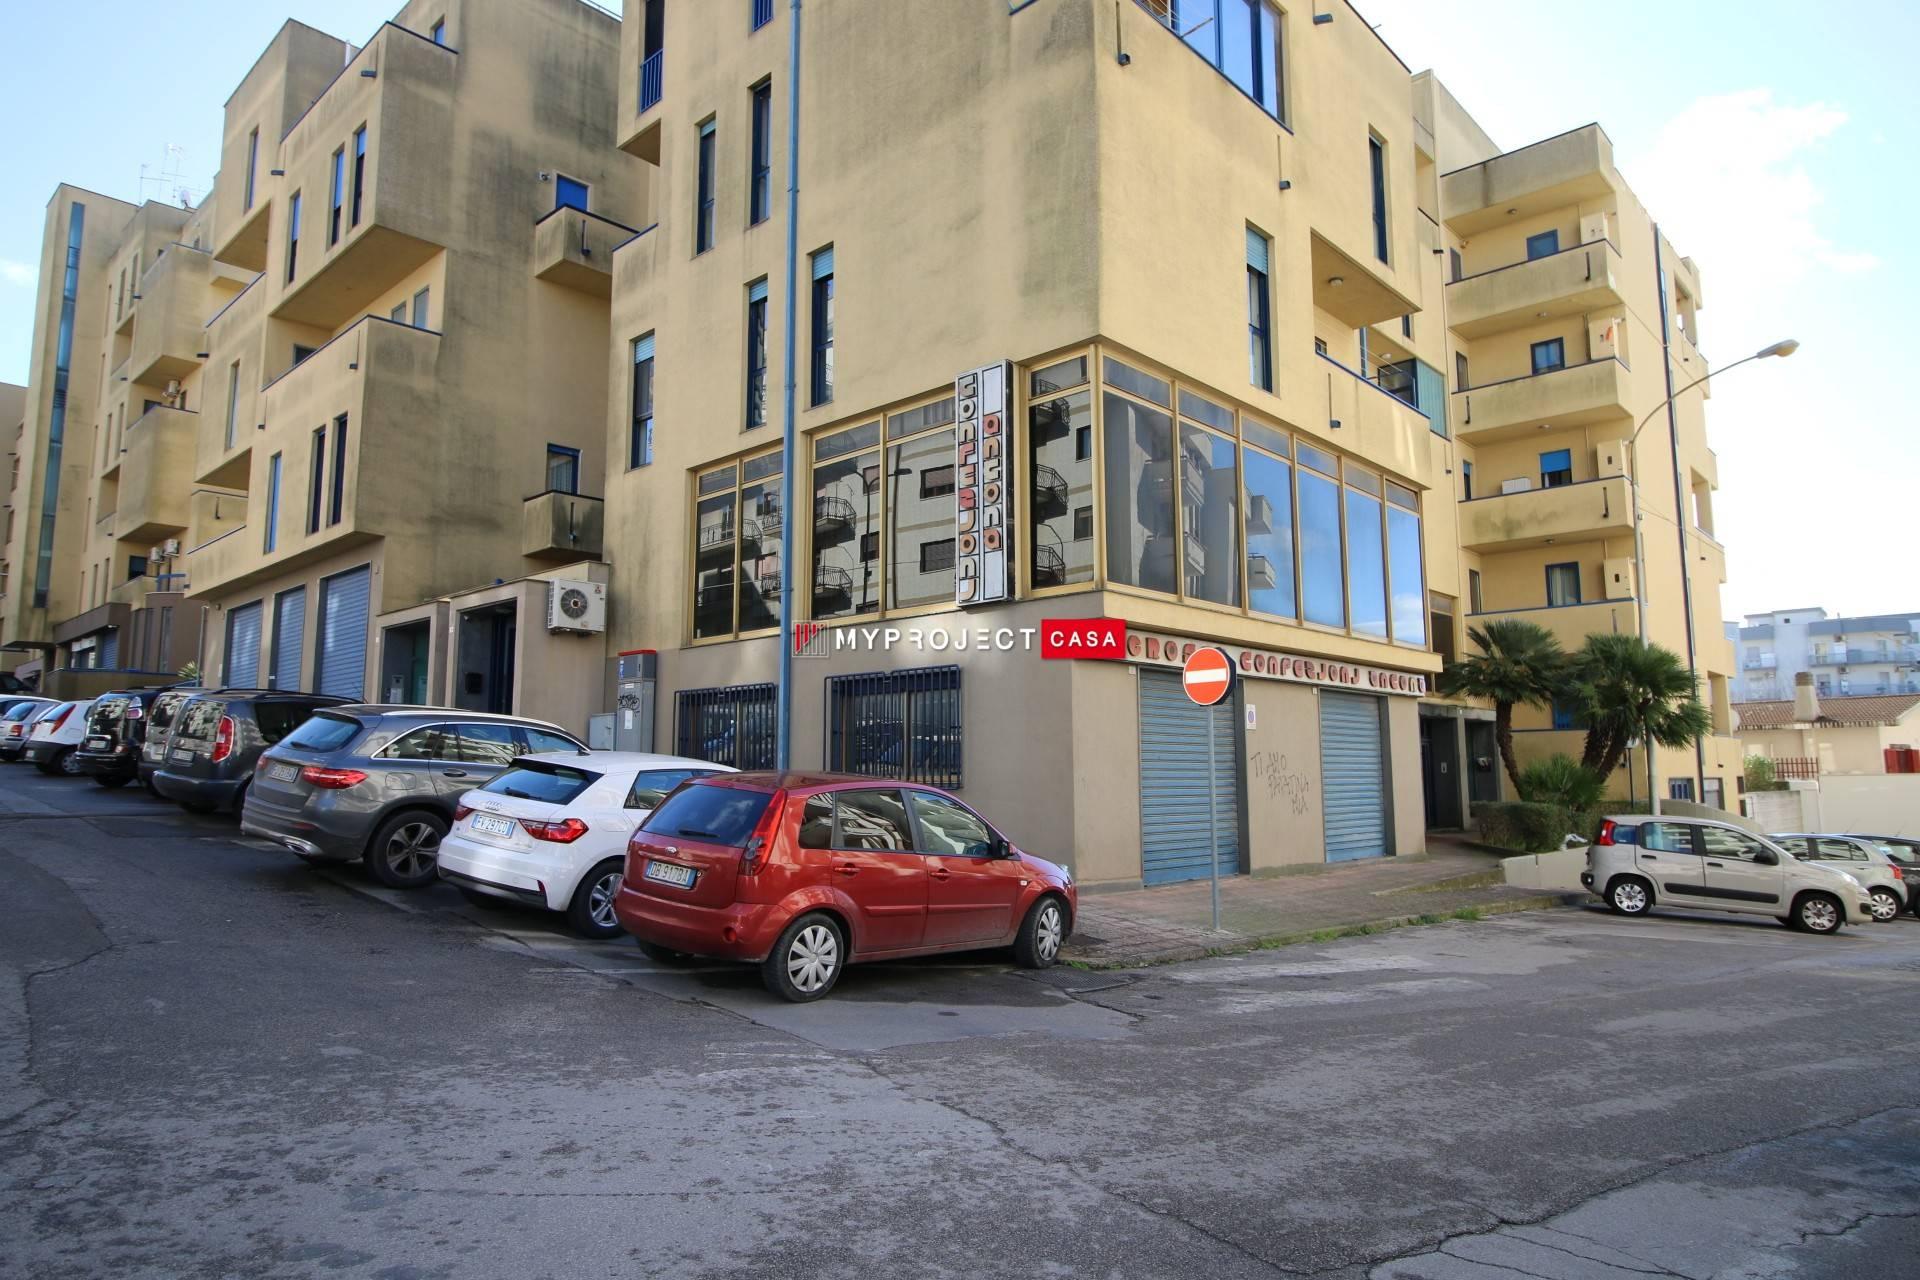 Affitto locale Martina Franca